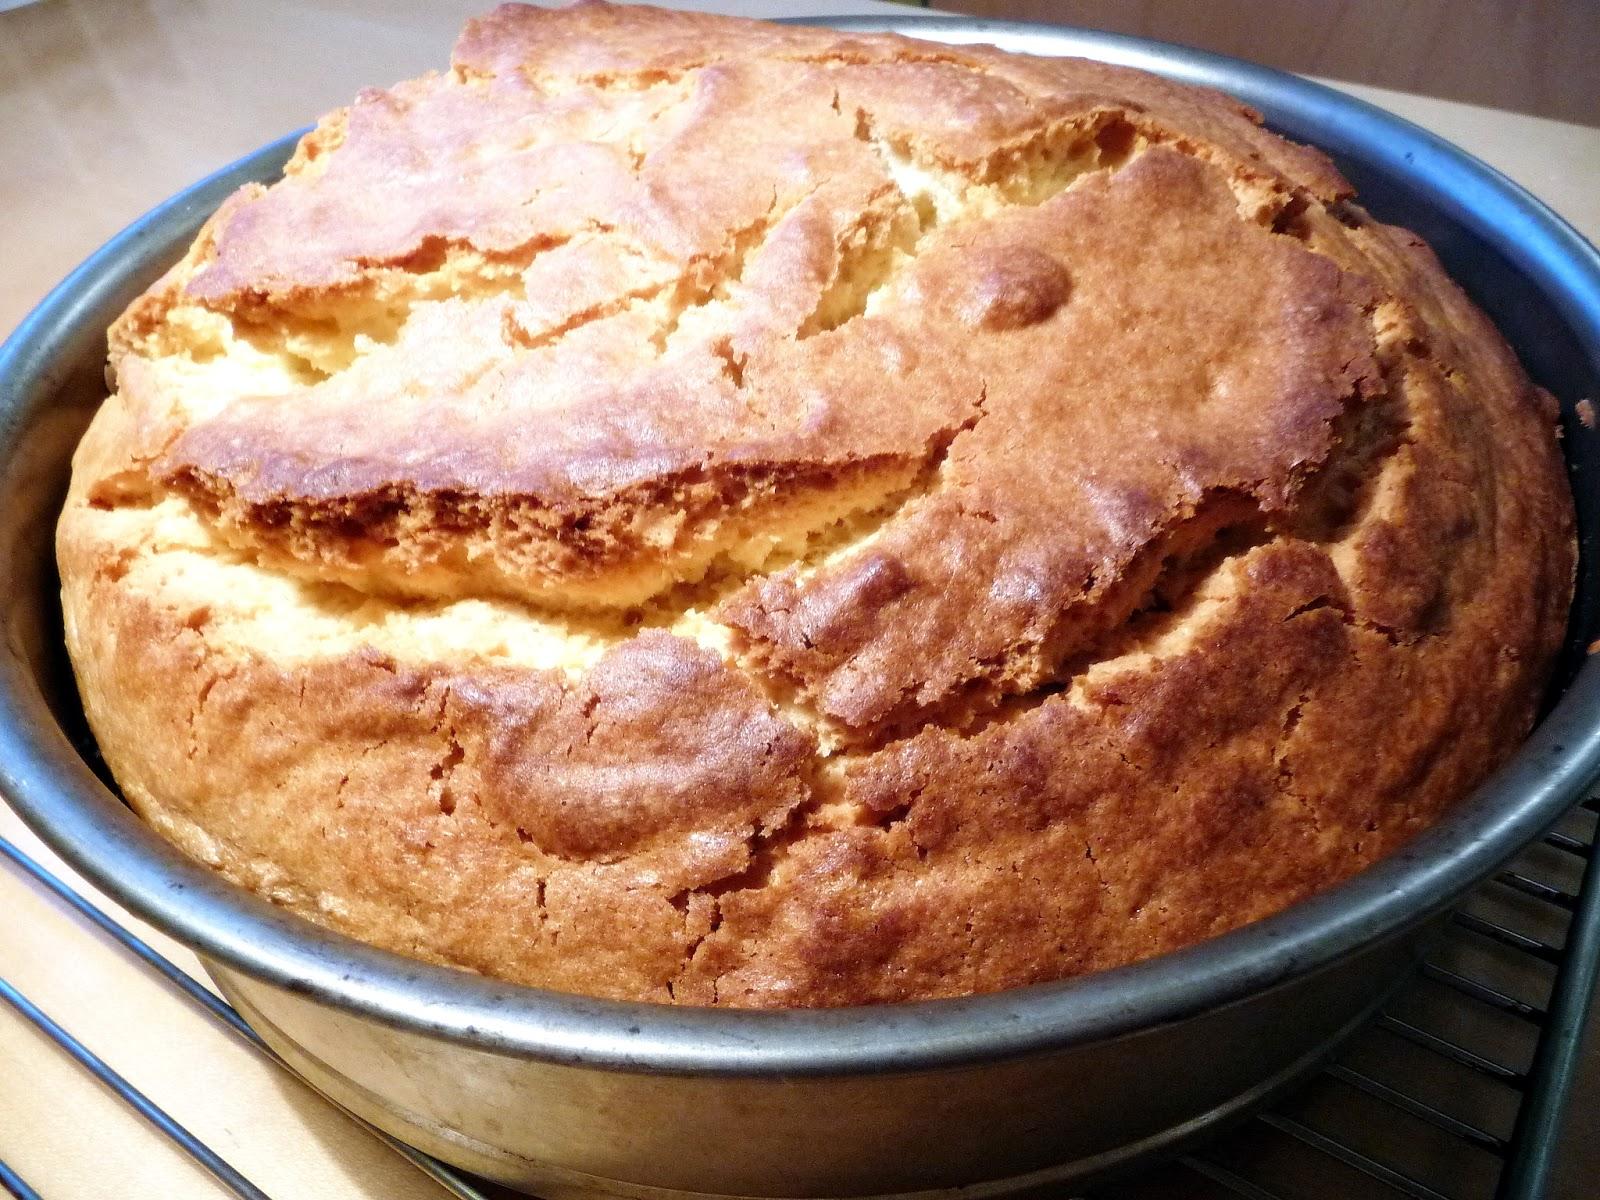 Verpoorten - Eierlikör-Schoko-Verwöhn-Torte